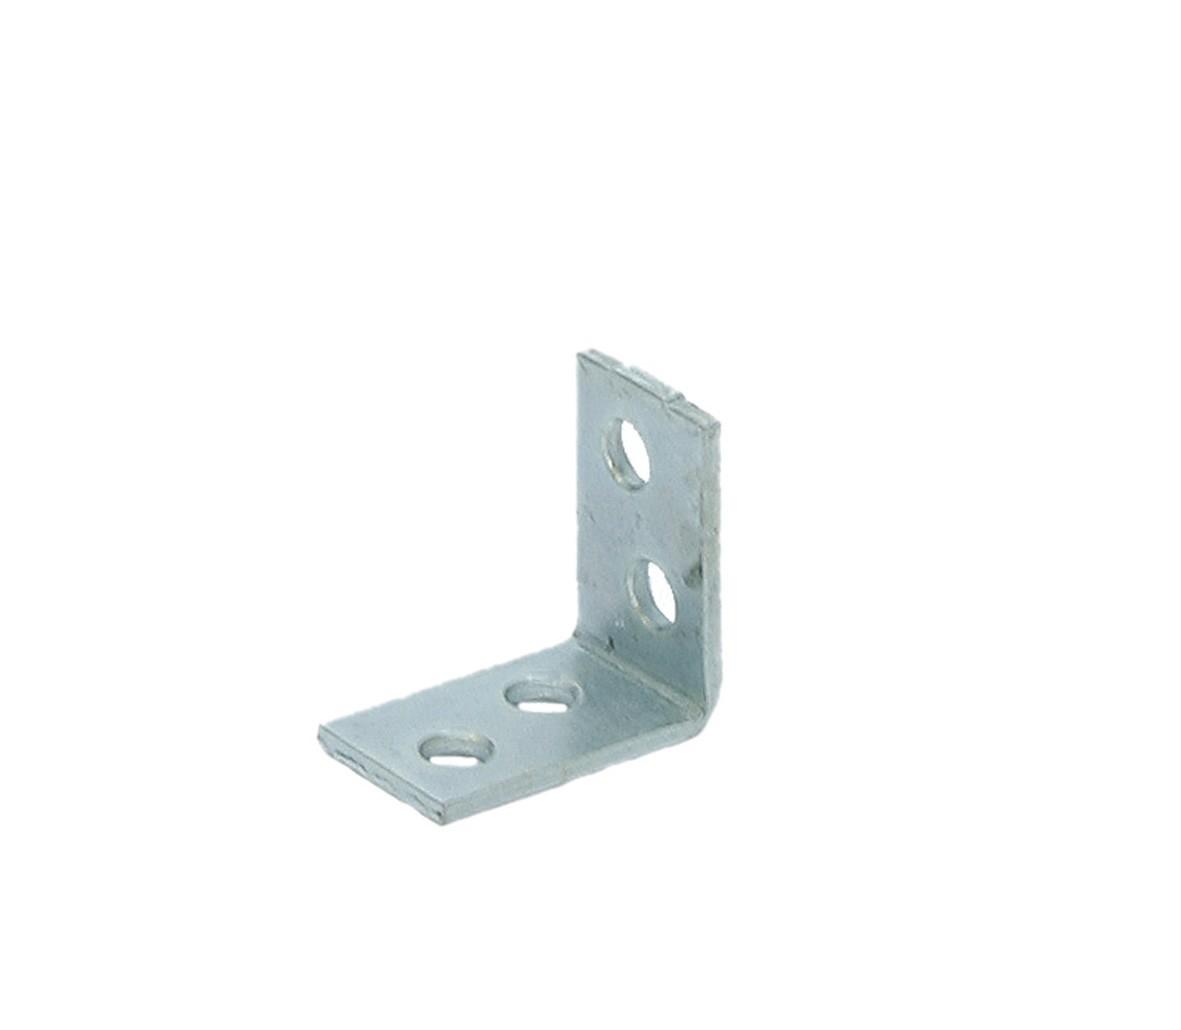 Frame bracket 25x25 15x2 EV